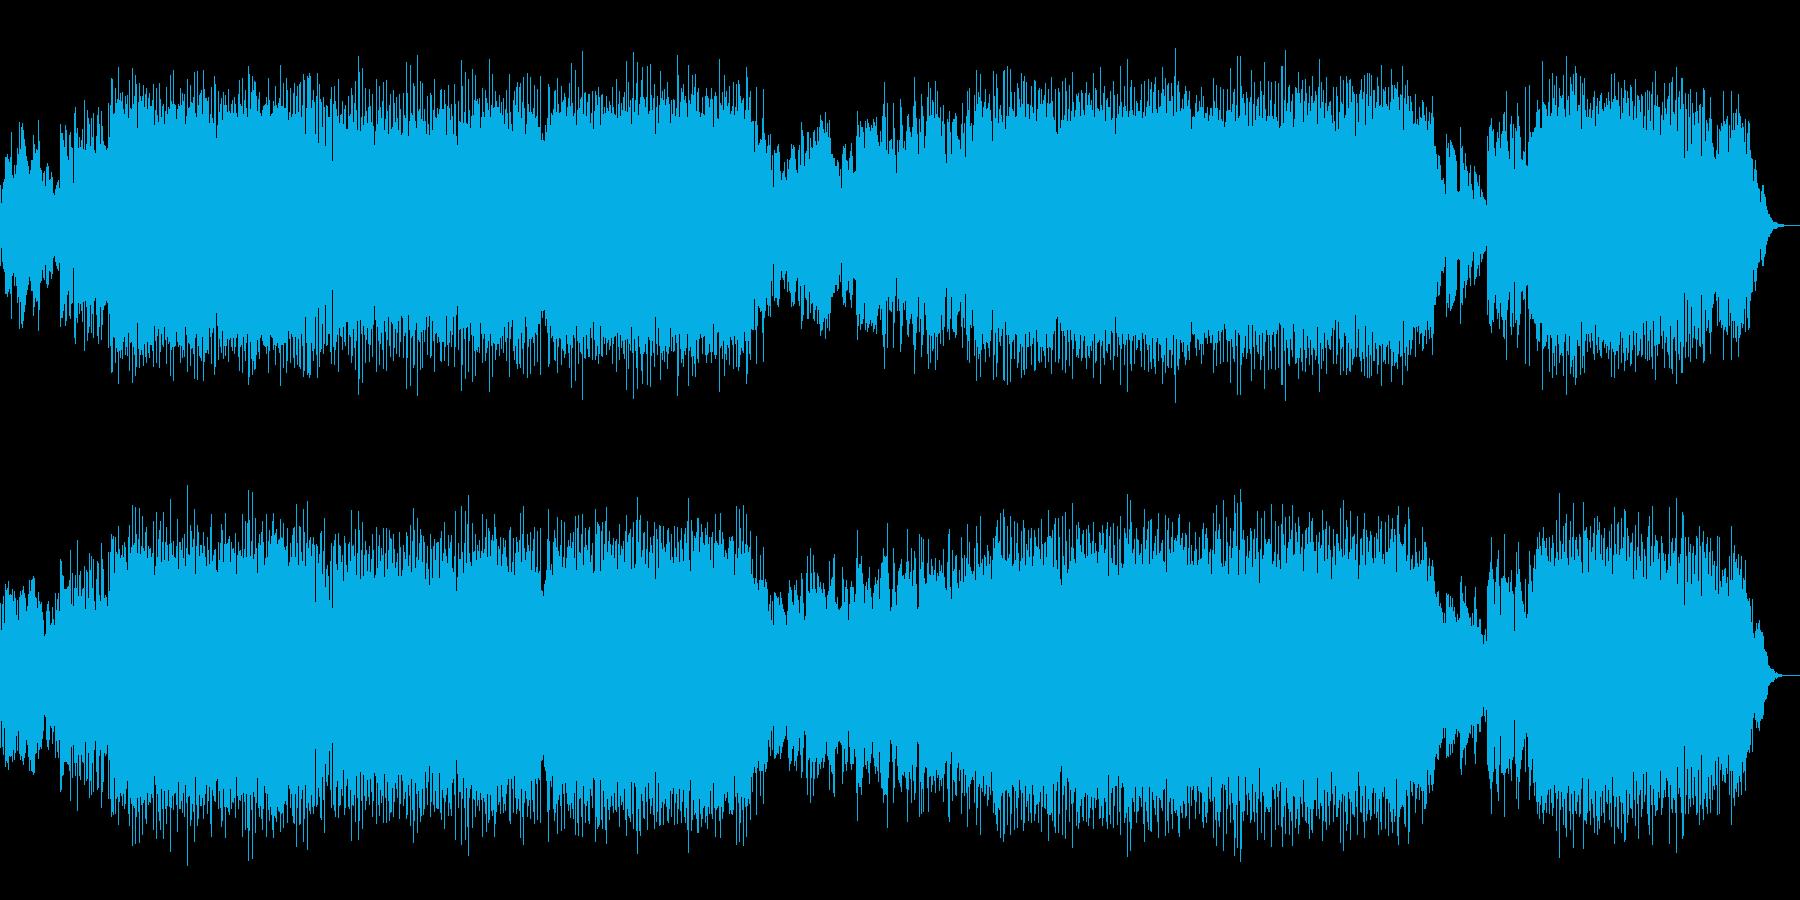 【ギター生演奏】クールで美しい・疾走感の再生済みの波形